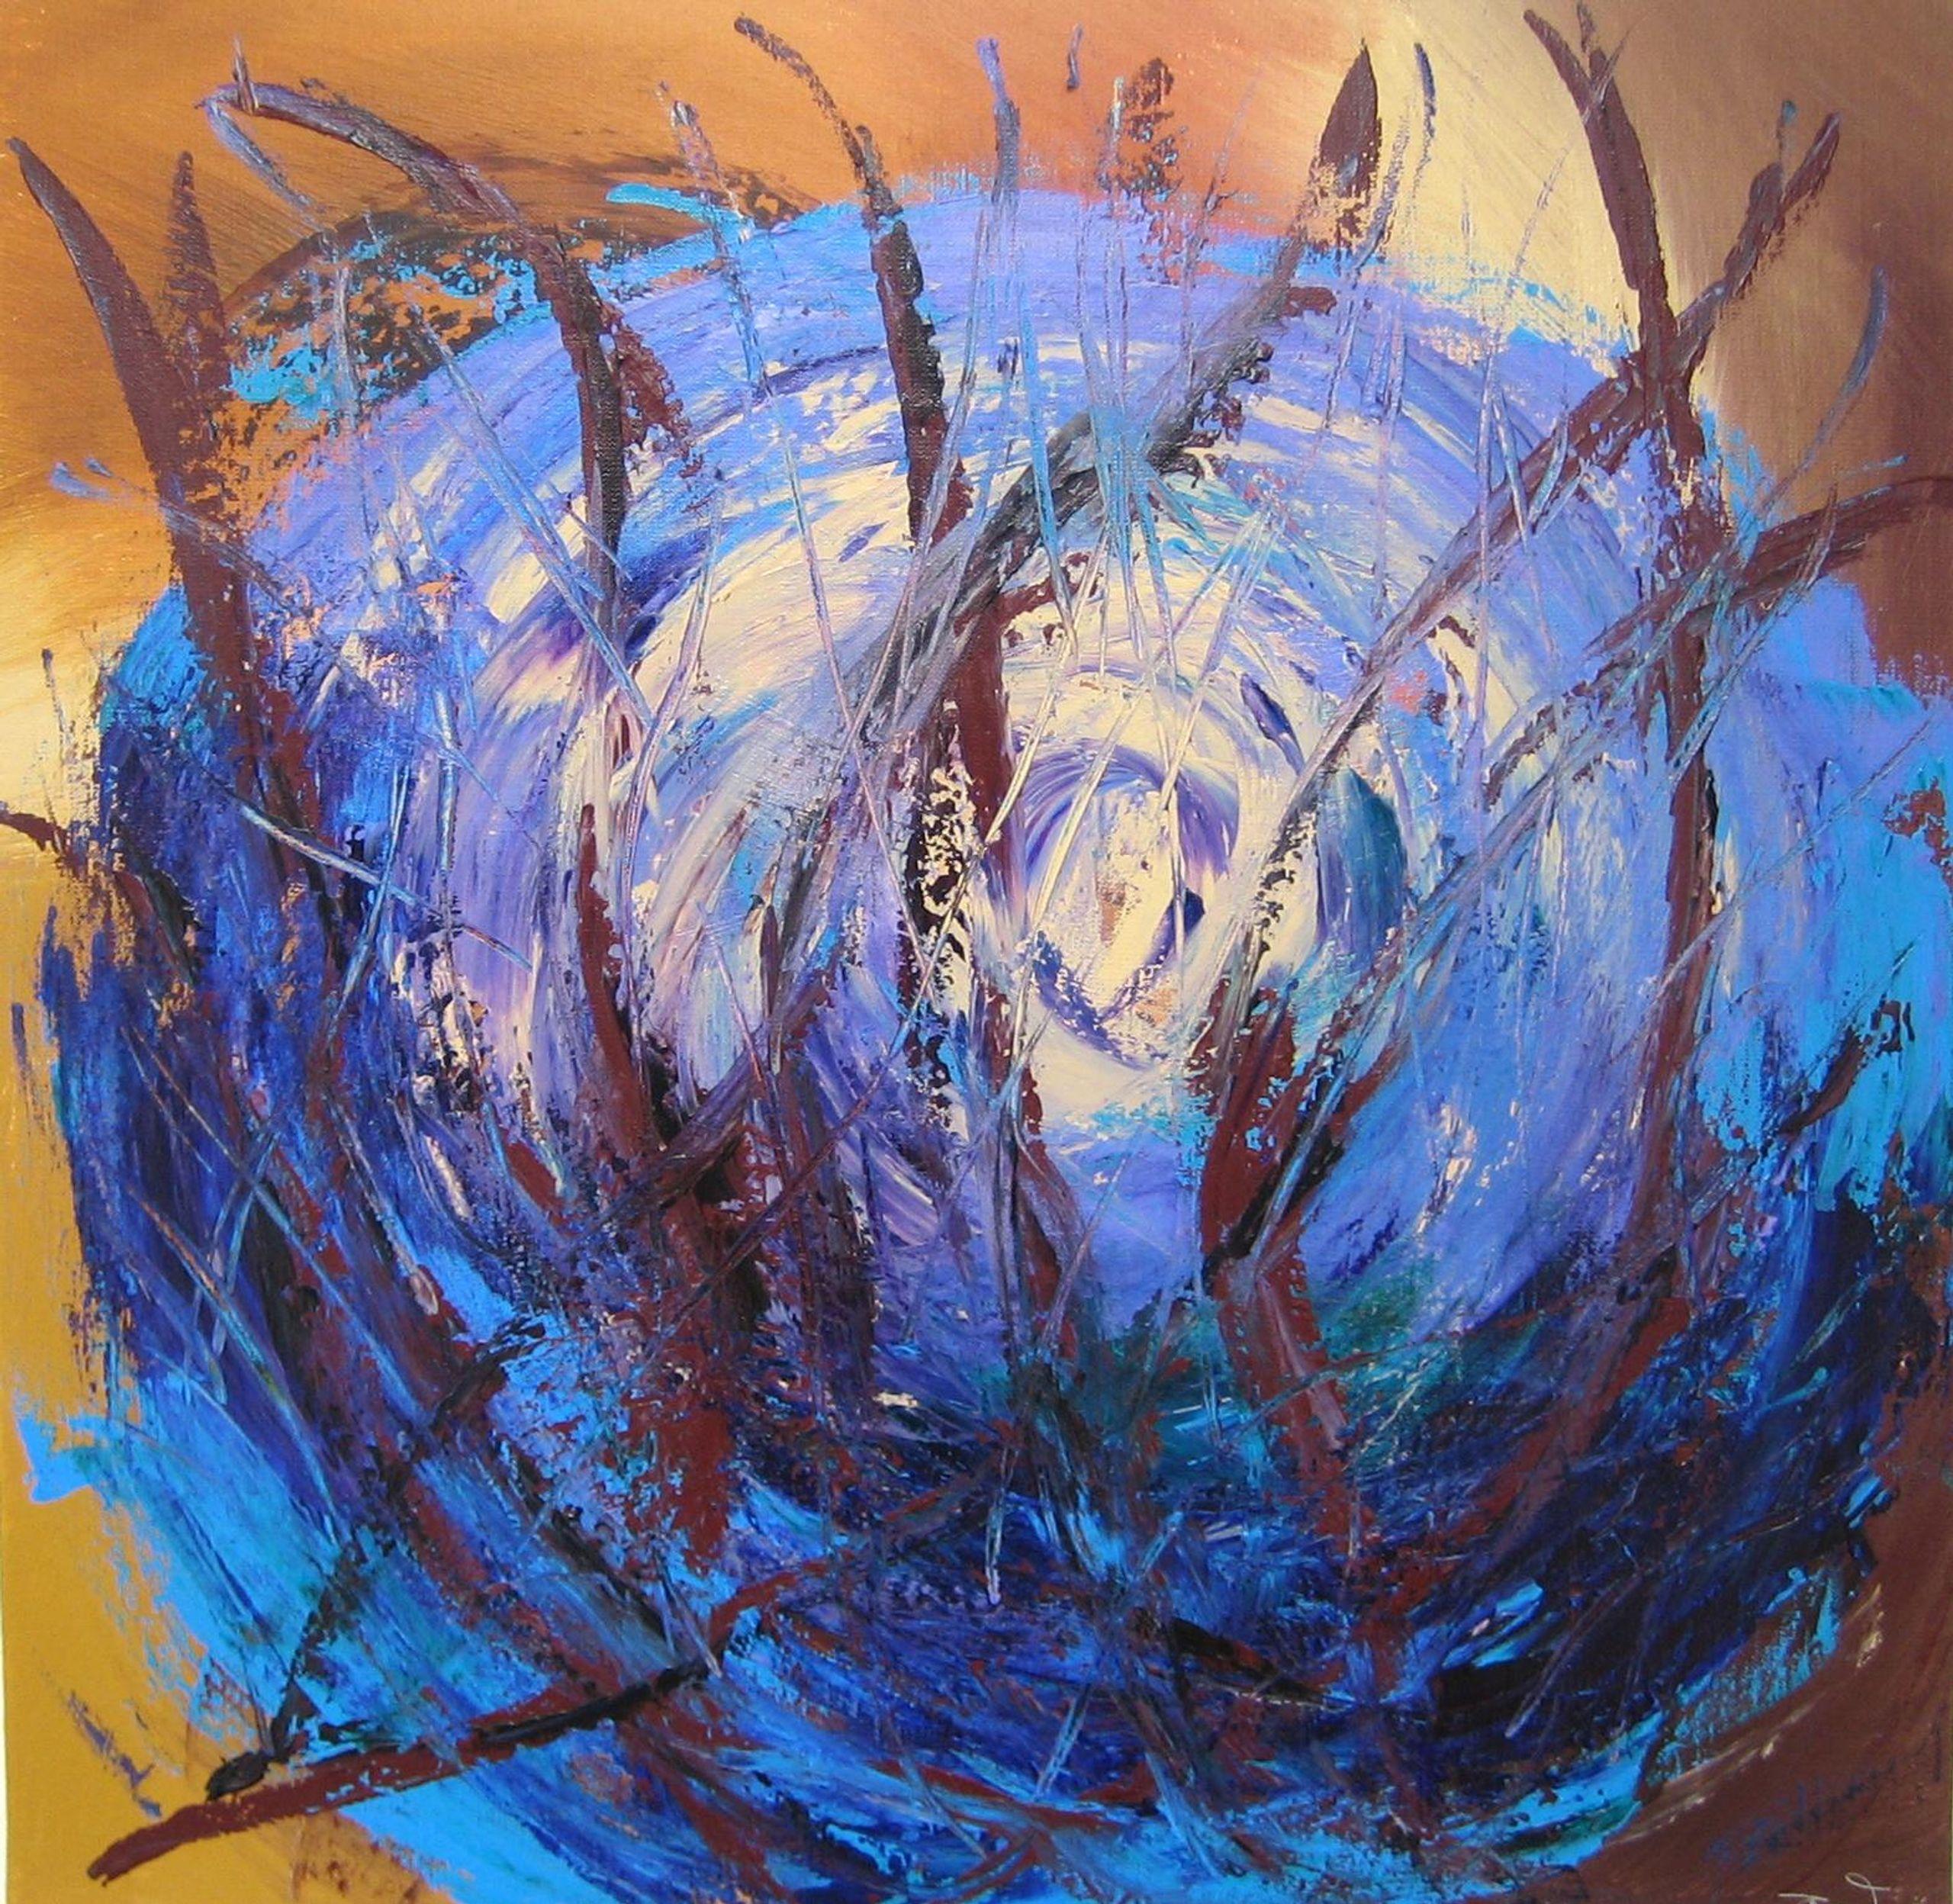 Blue buttercup